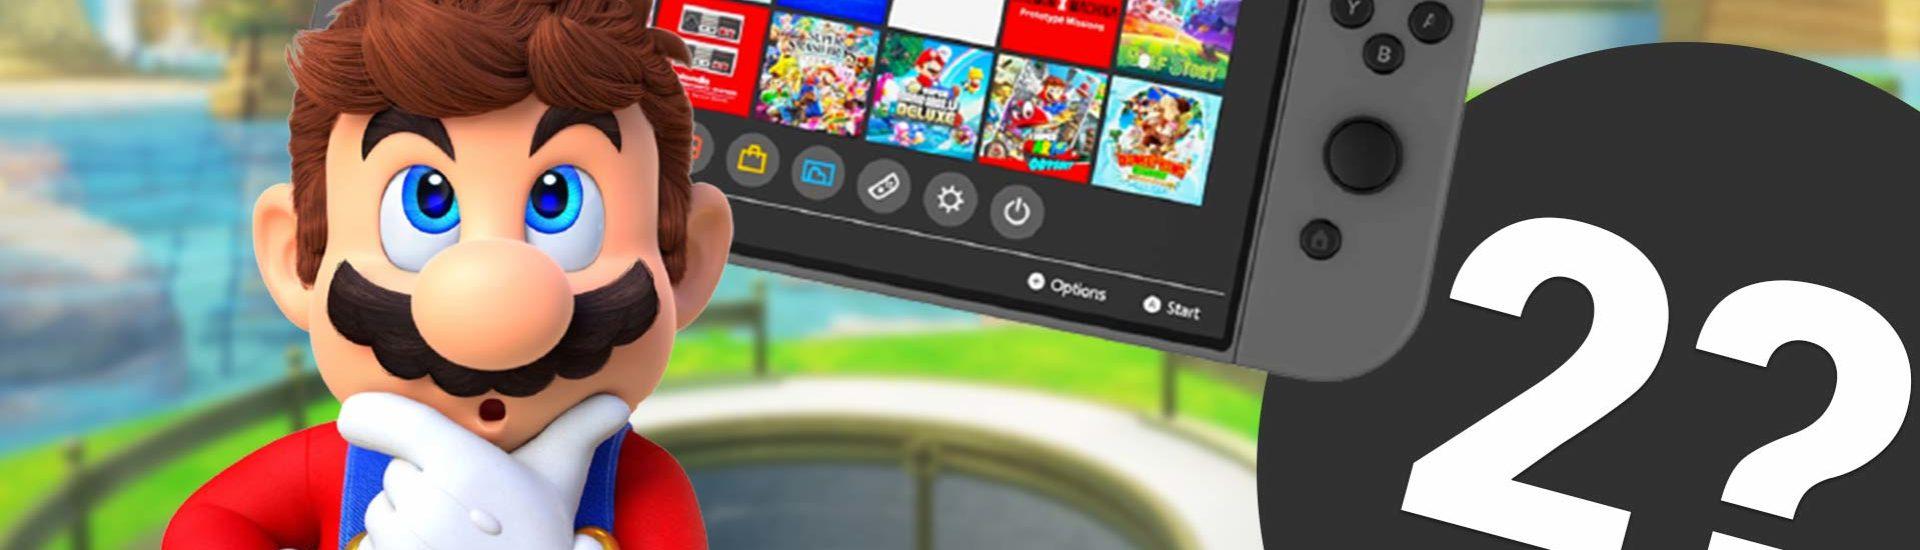 Nintendo Switch 2: Nachfolger befindet sich in der Planung